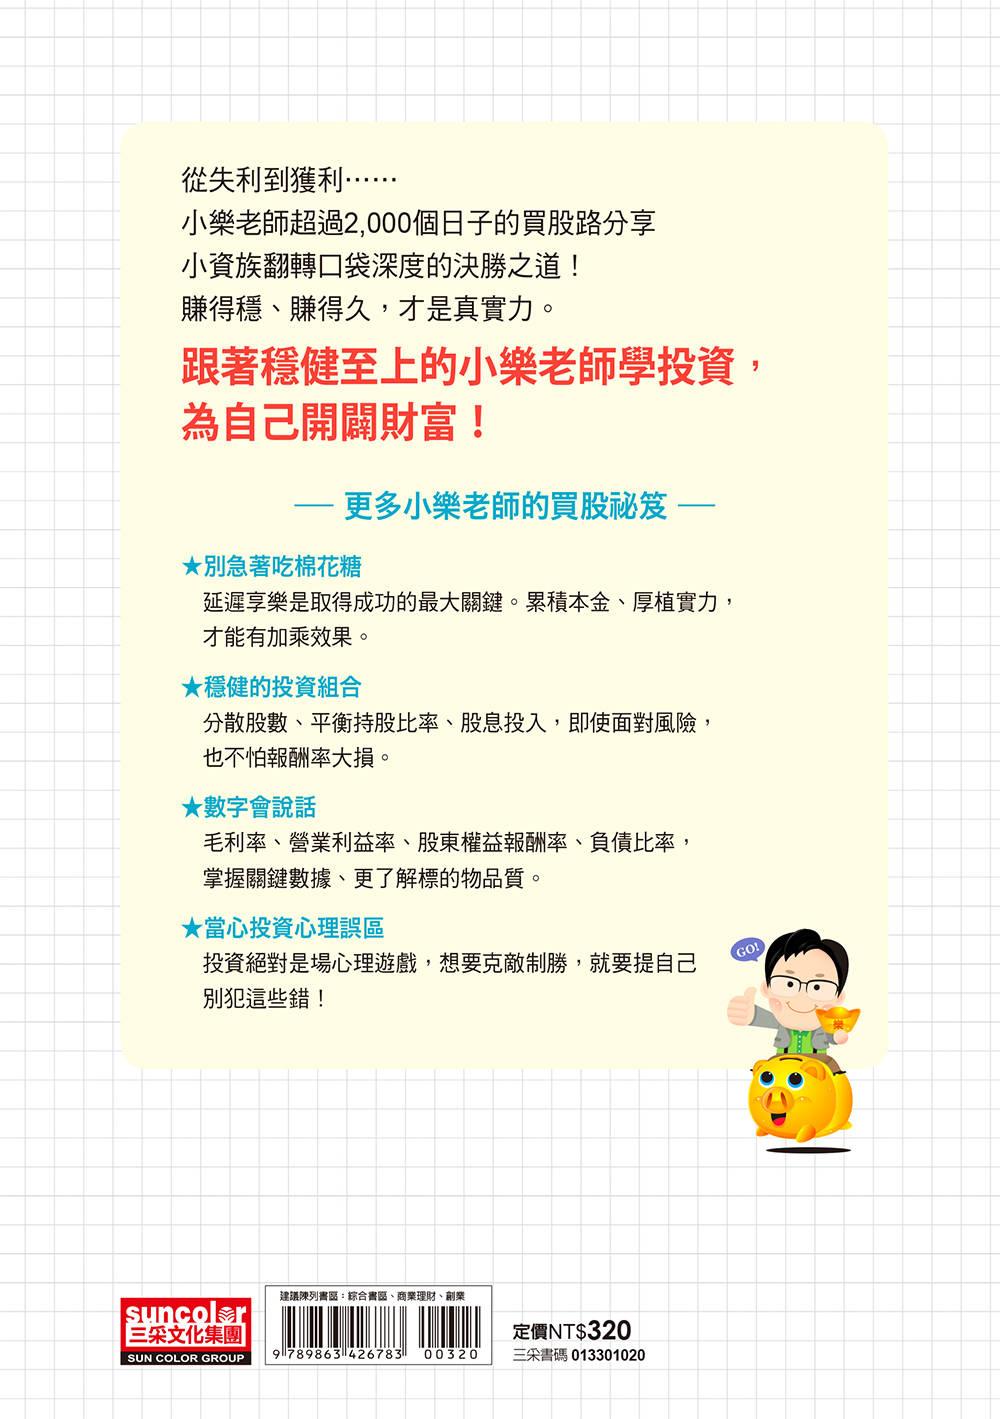 http://im2.book.com.tw/image/getImage?i=http://www.books.com.tw/img/001/072/88/0010728878_bf_01.jpg&v=57d13e03&w=655&h=609